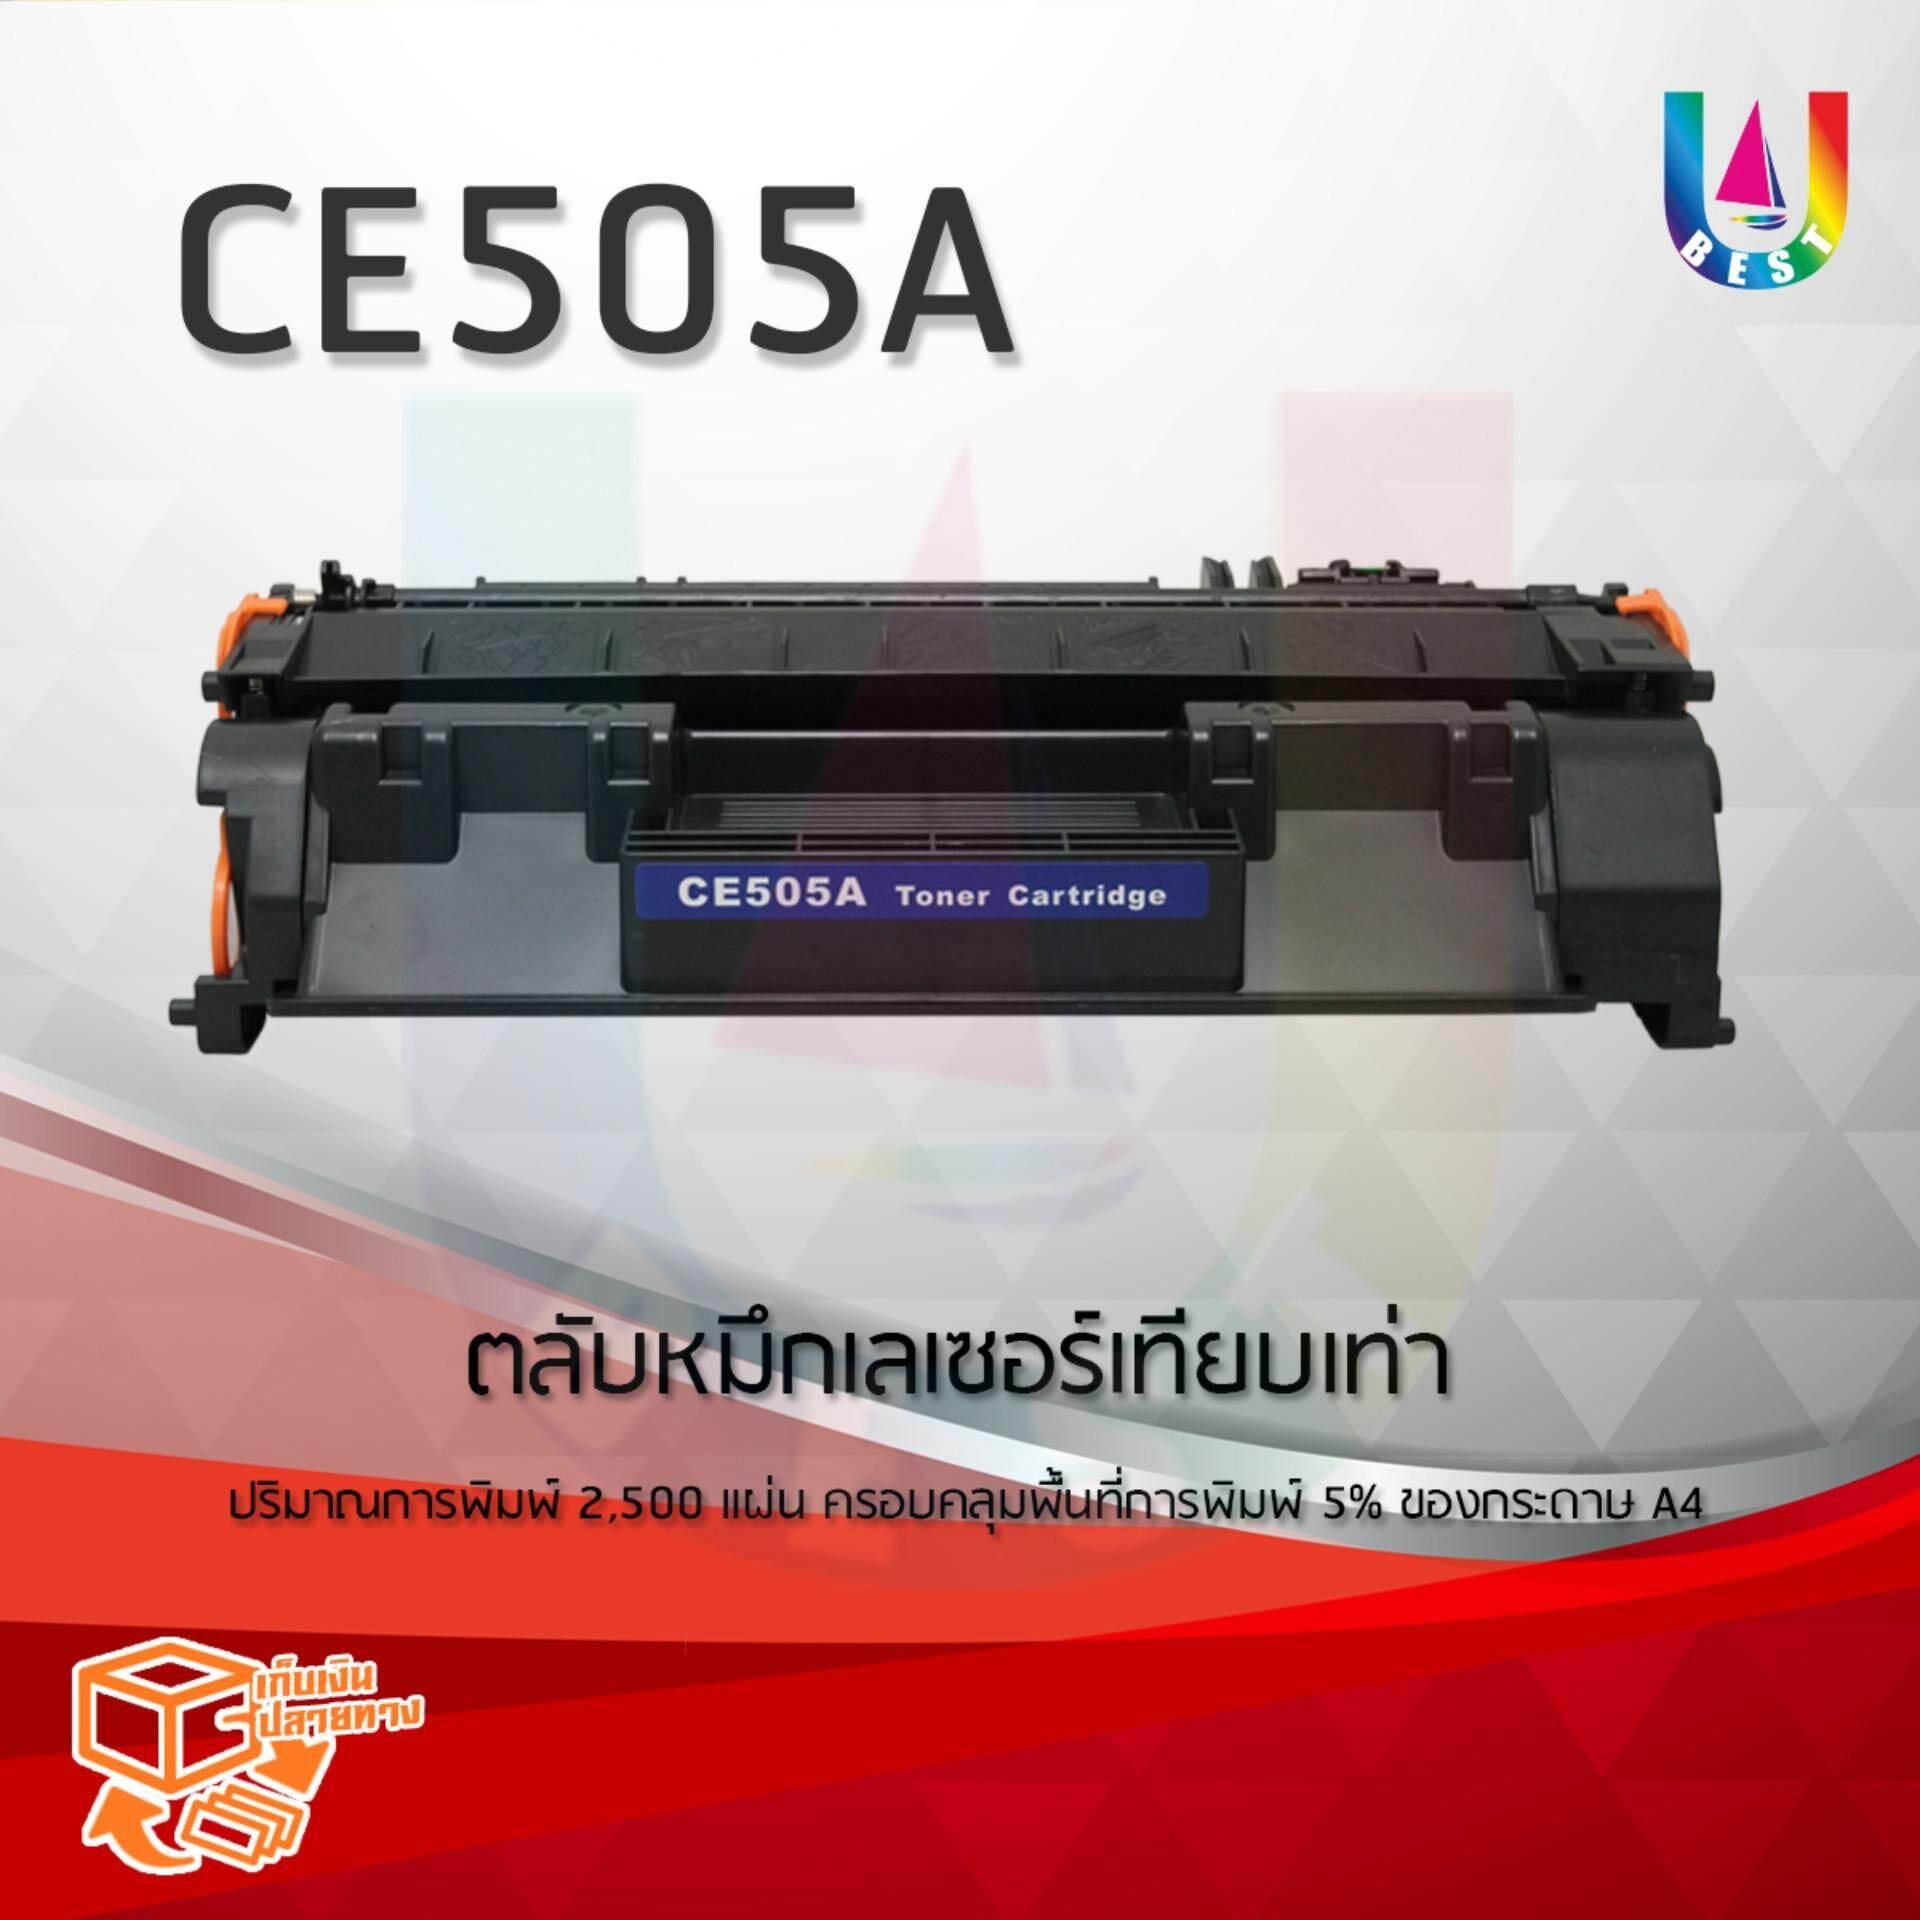 ซื้อ Hp Ce505A 05A ตลับหมึกเลเซอร์เทียบเท่า Best 4 U กรุงเทพมหานคร